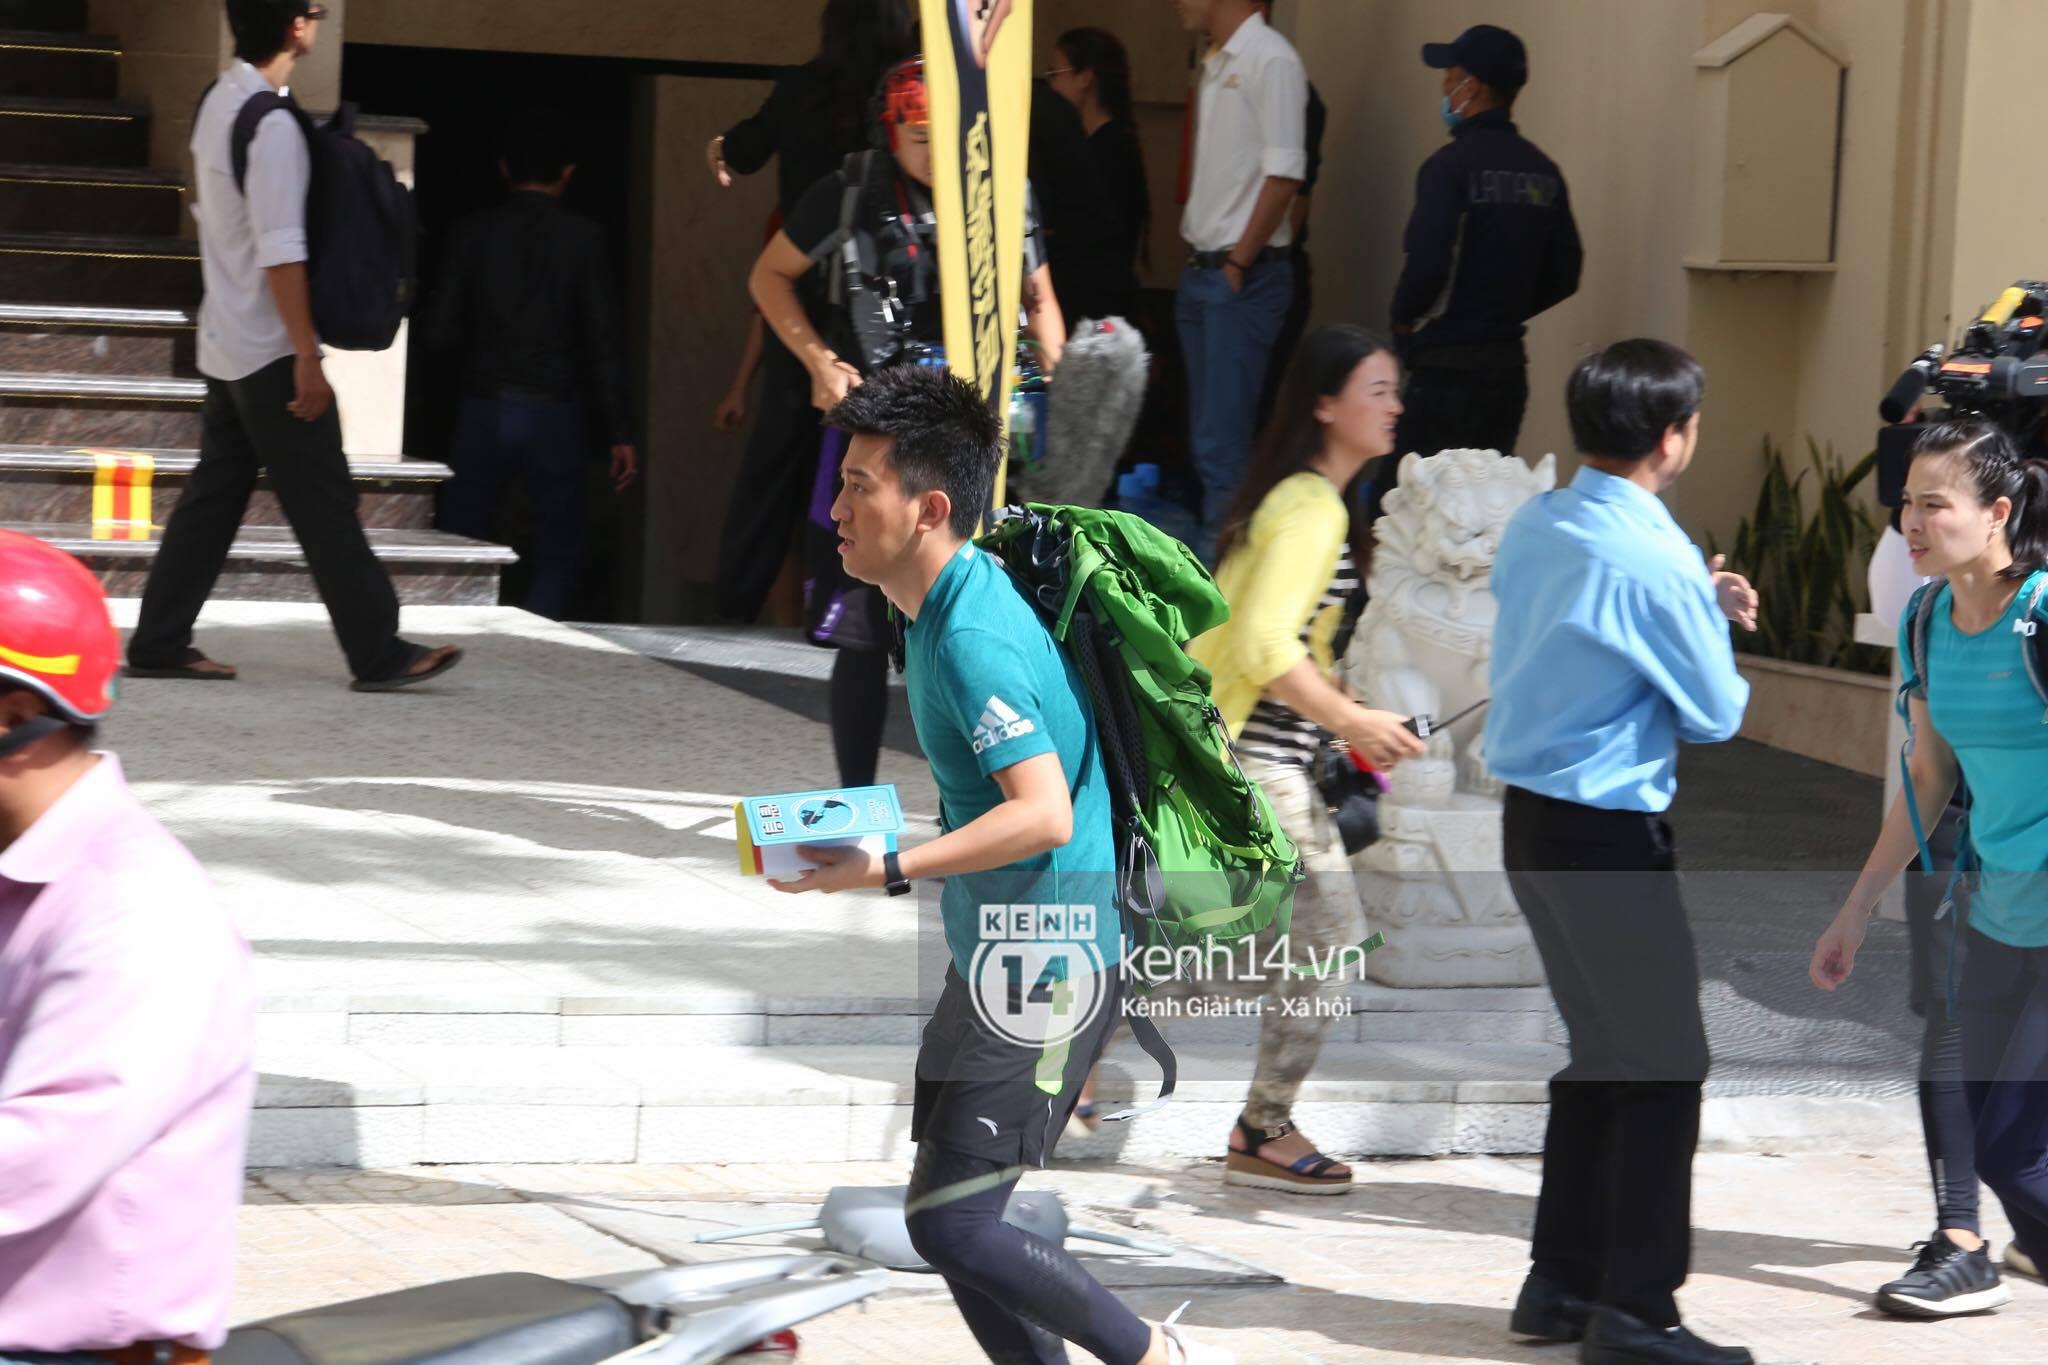 Amazing Race Trung Quốc tại Việt Nam: Vương Lệ Khôn - Trịnh Nguyên Sướng mặc áo dài, kiệt sức dưới trời nắng - Ảnh 37.